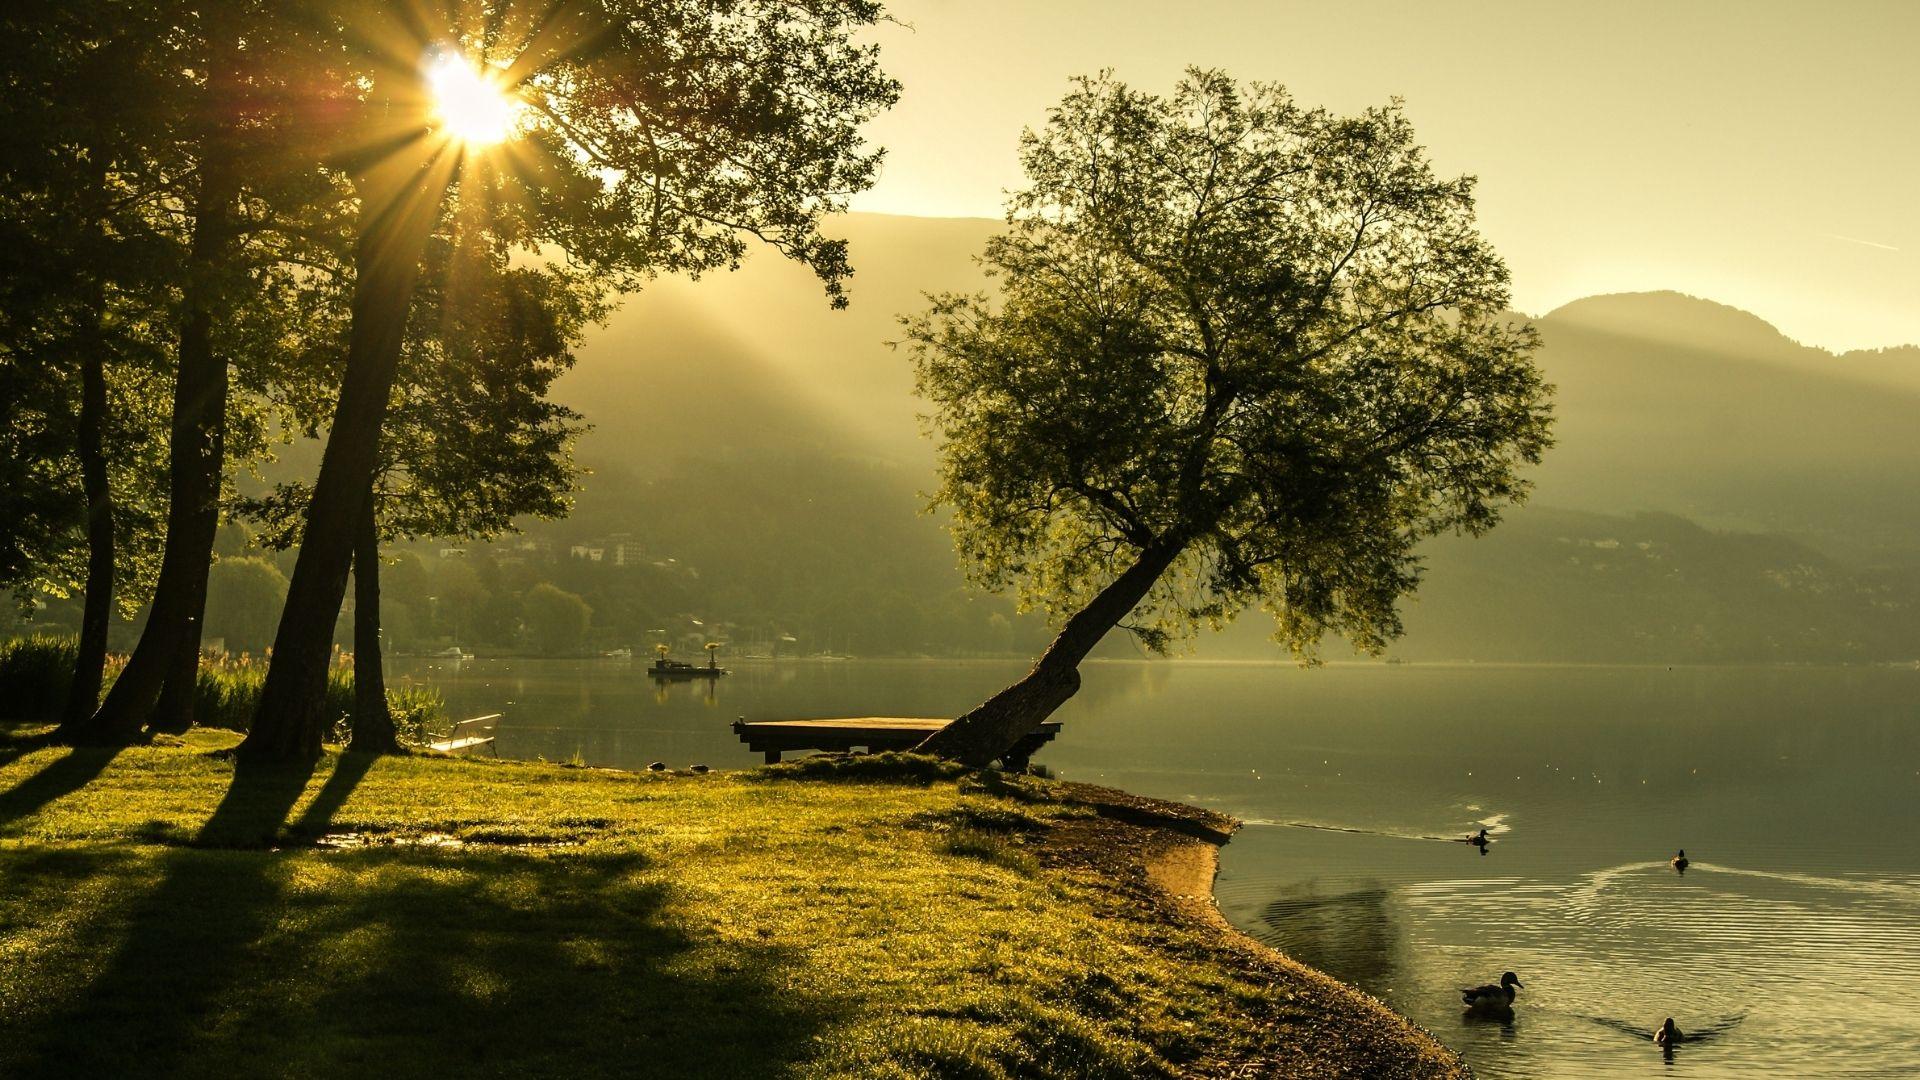 vatten sjö änder skog strand soluppgång morgon